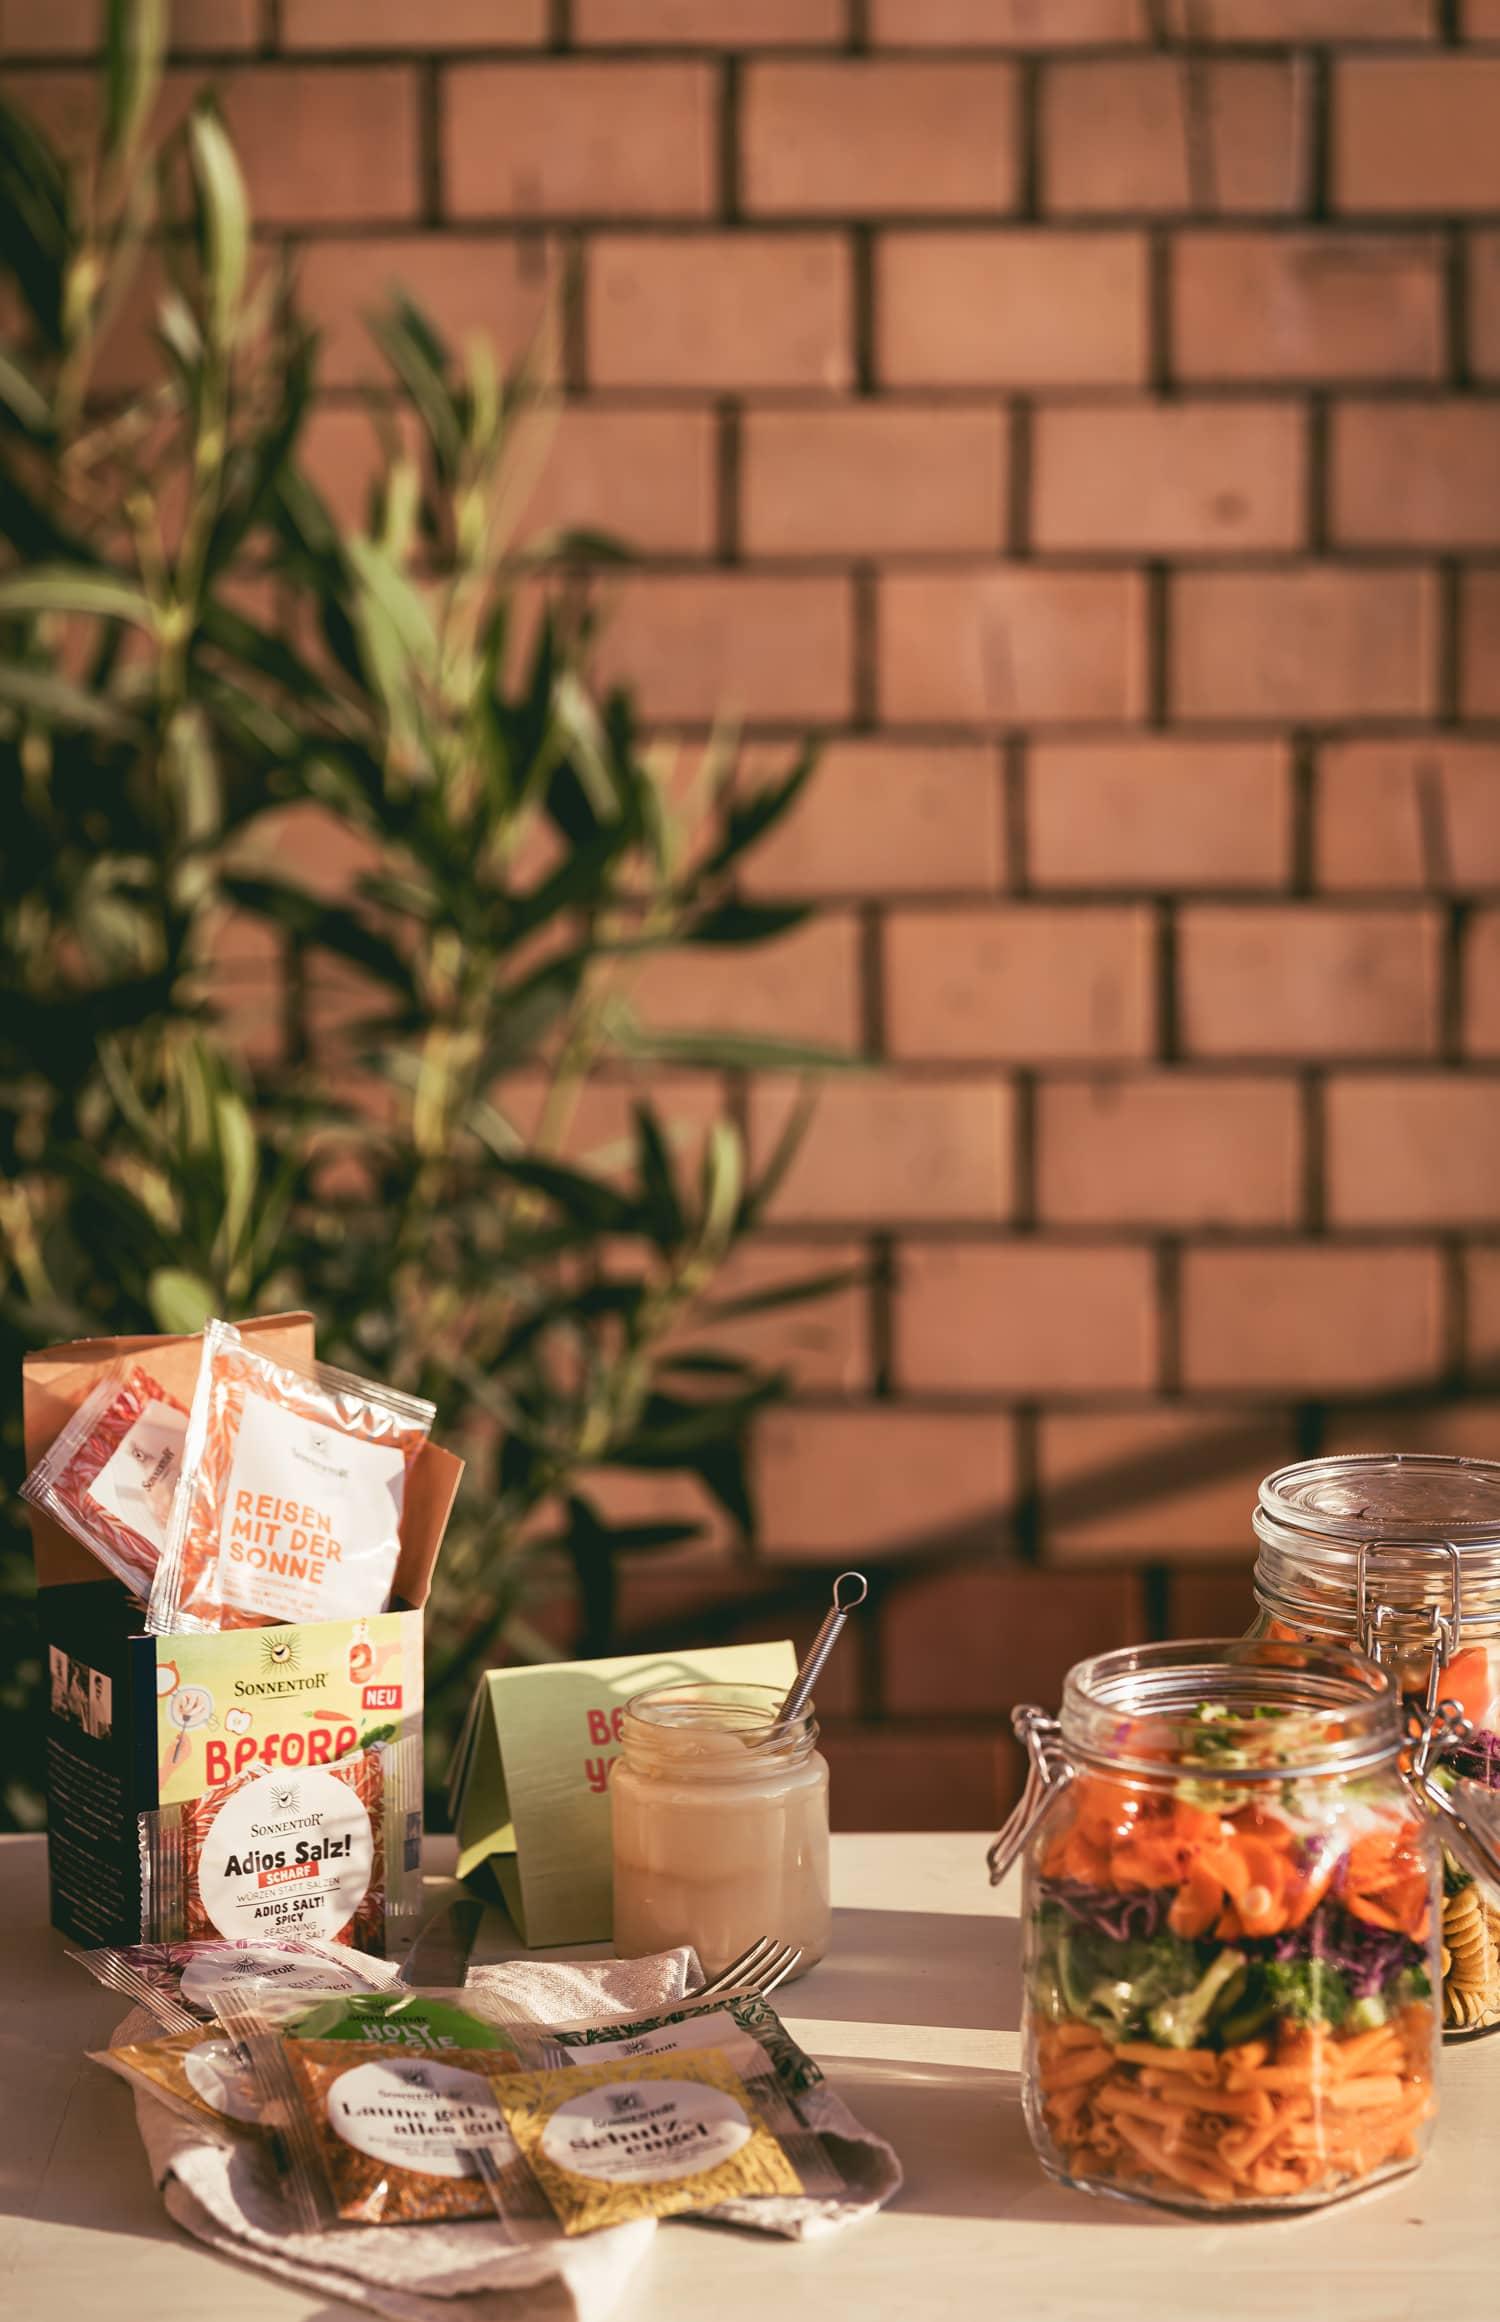 Die Lunch Box Ideenvielfalt von Sonnentor - veganer Nudelsalat